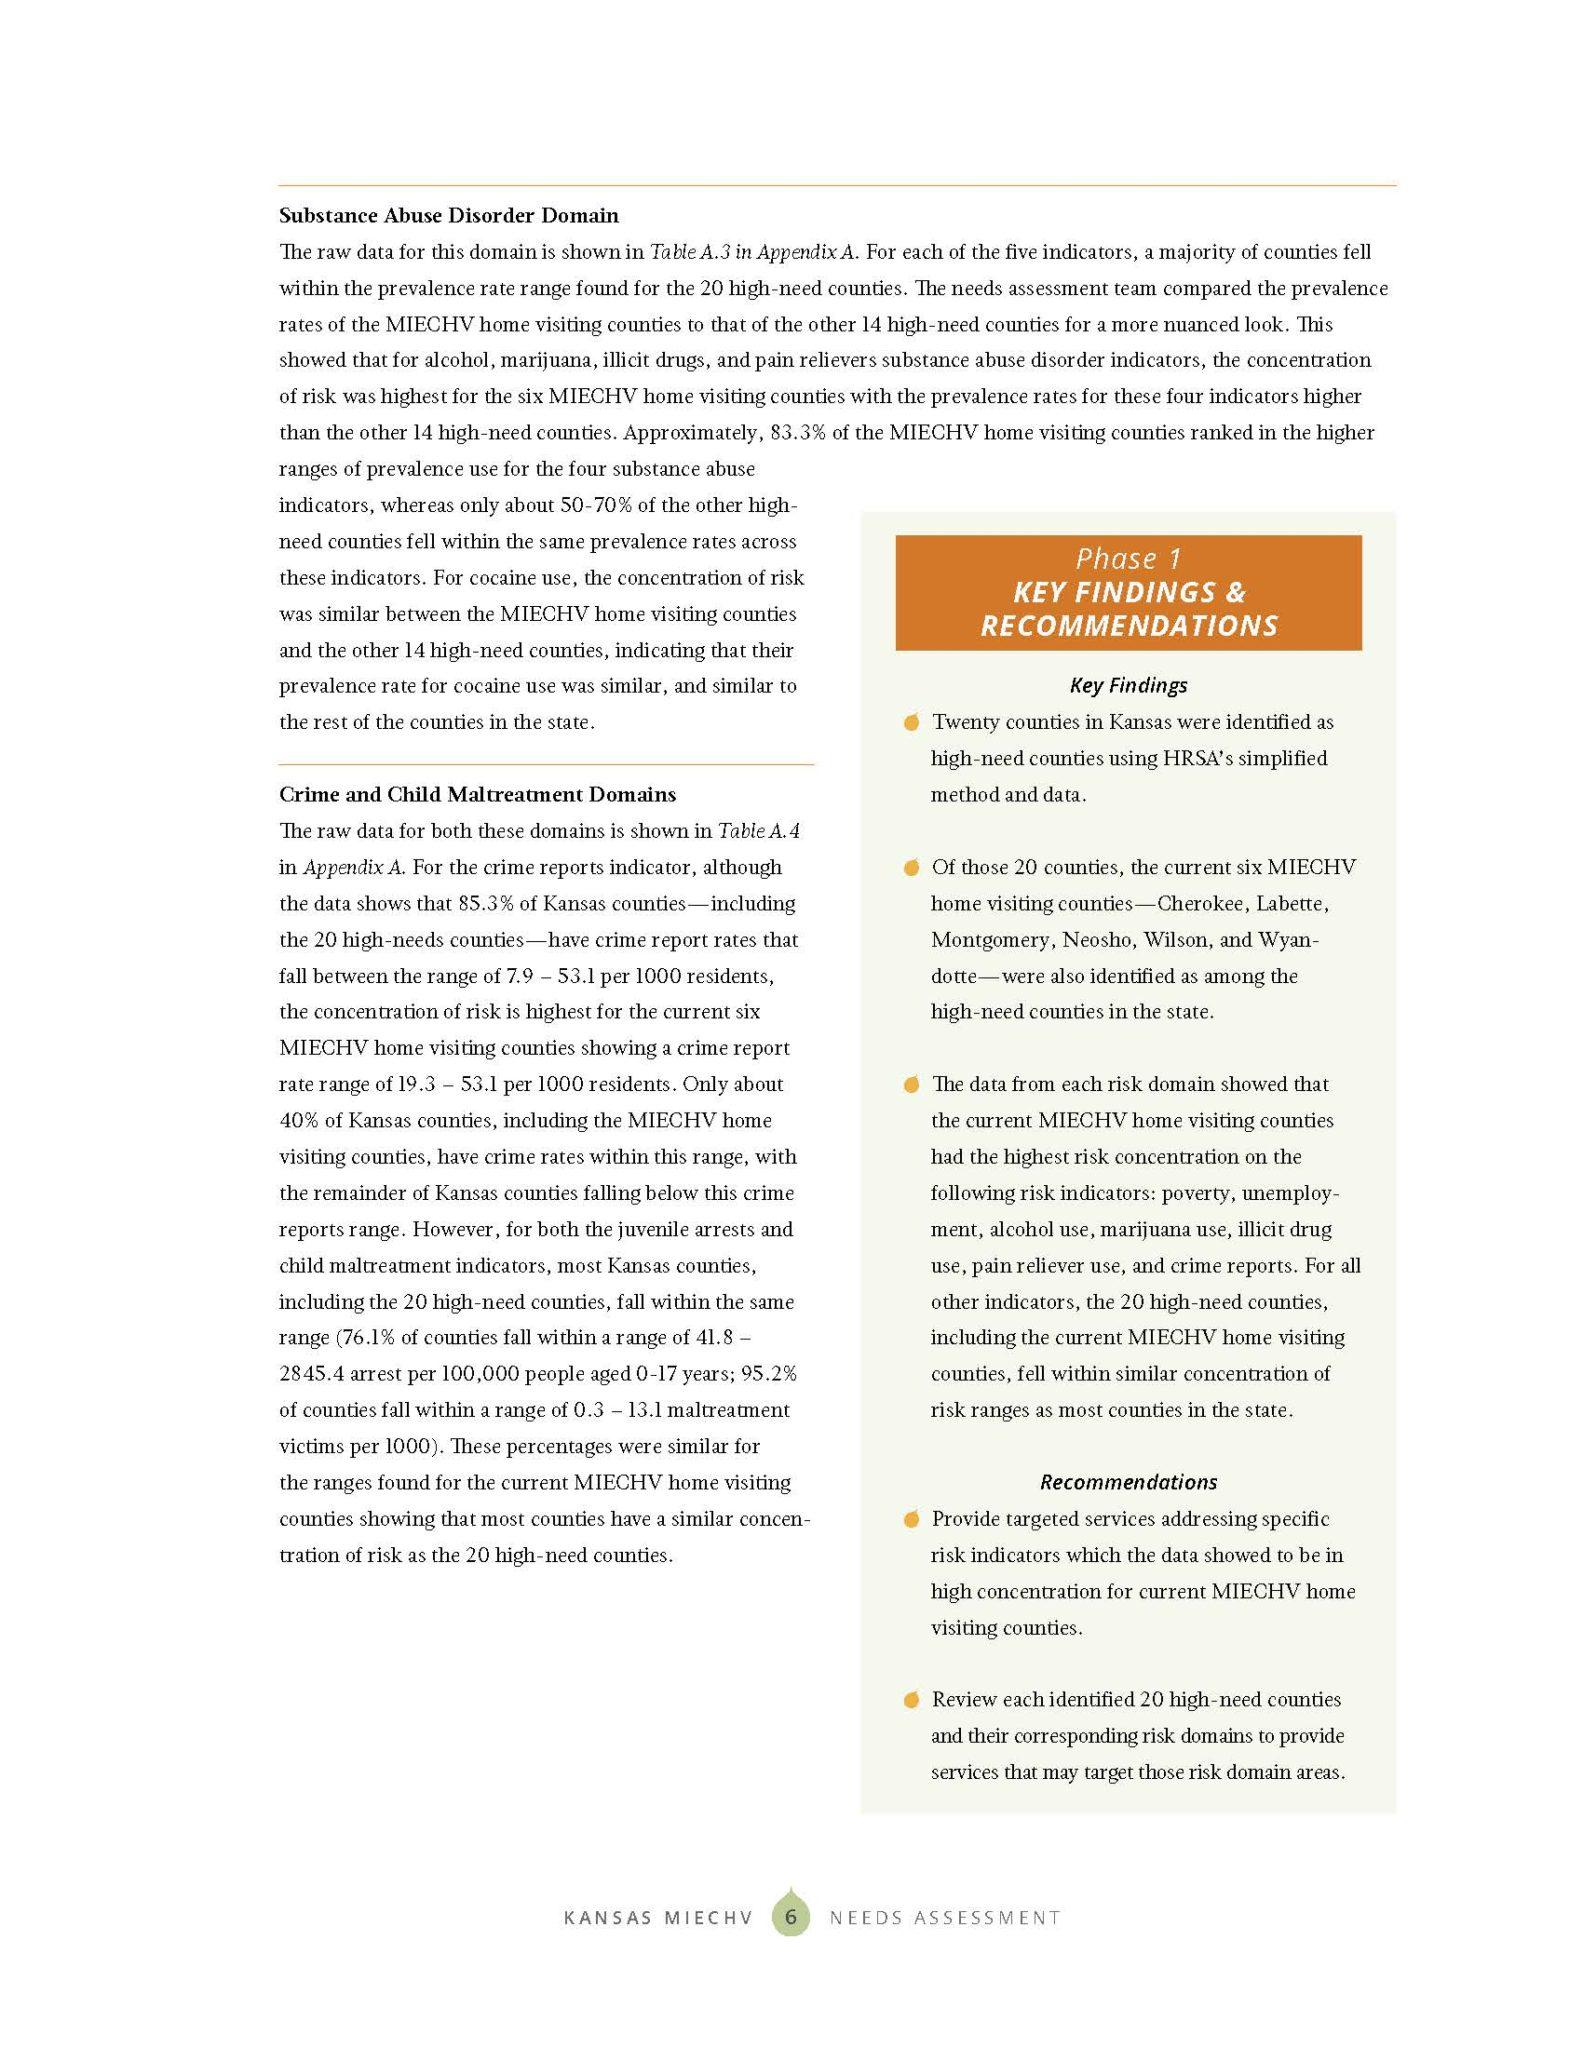 KS MIECHV 2020 Needs Assessment_DIGITAL_Page_014